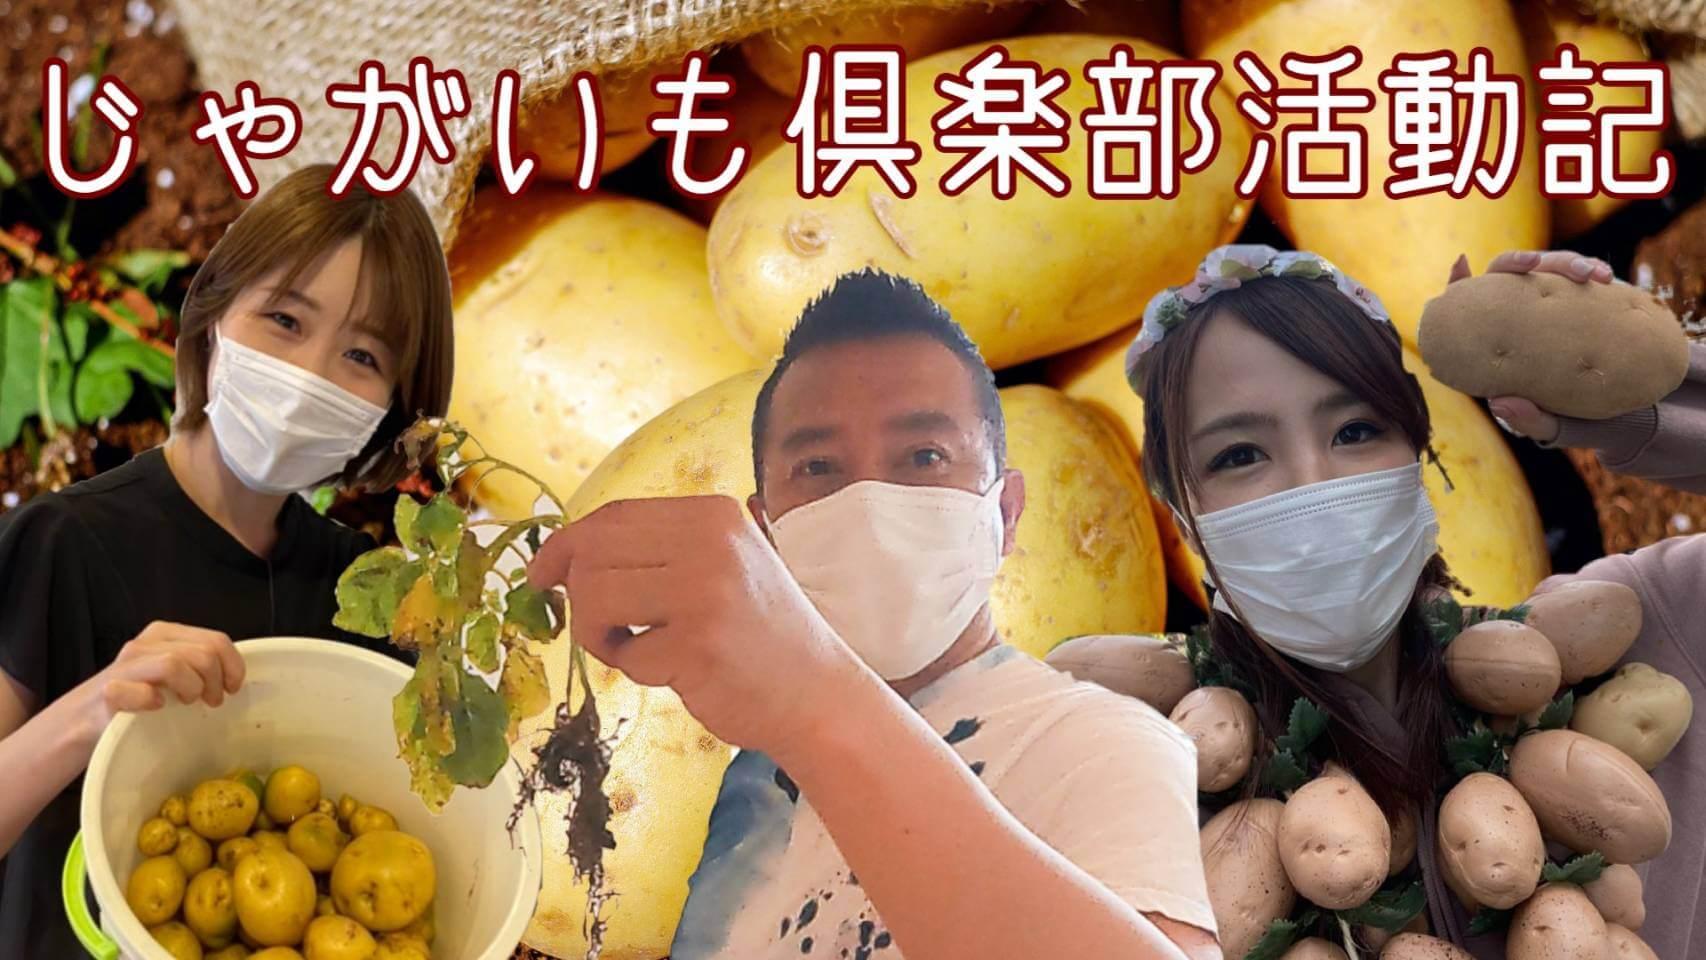 林家たい平 新作YouTubeは文化放送でのじゃがいも収穫祭!